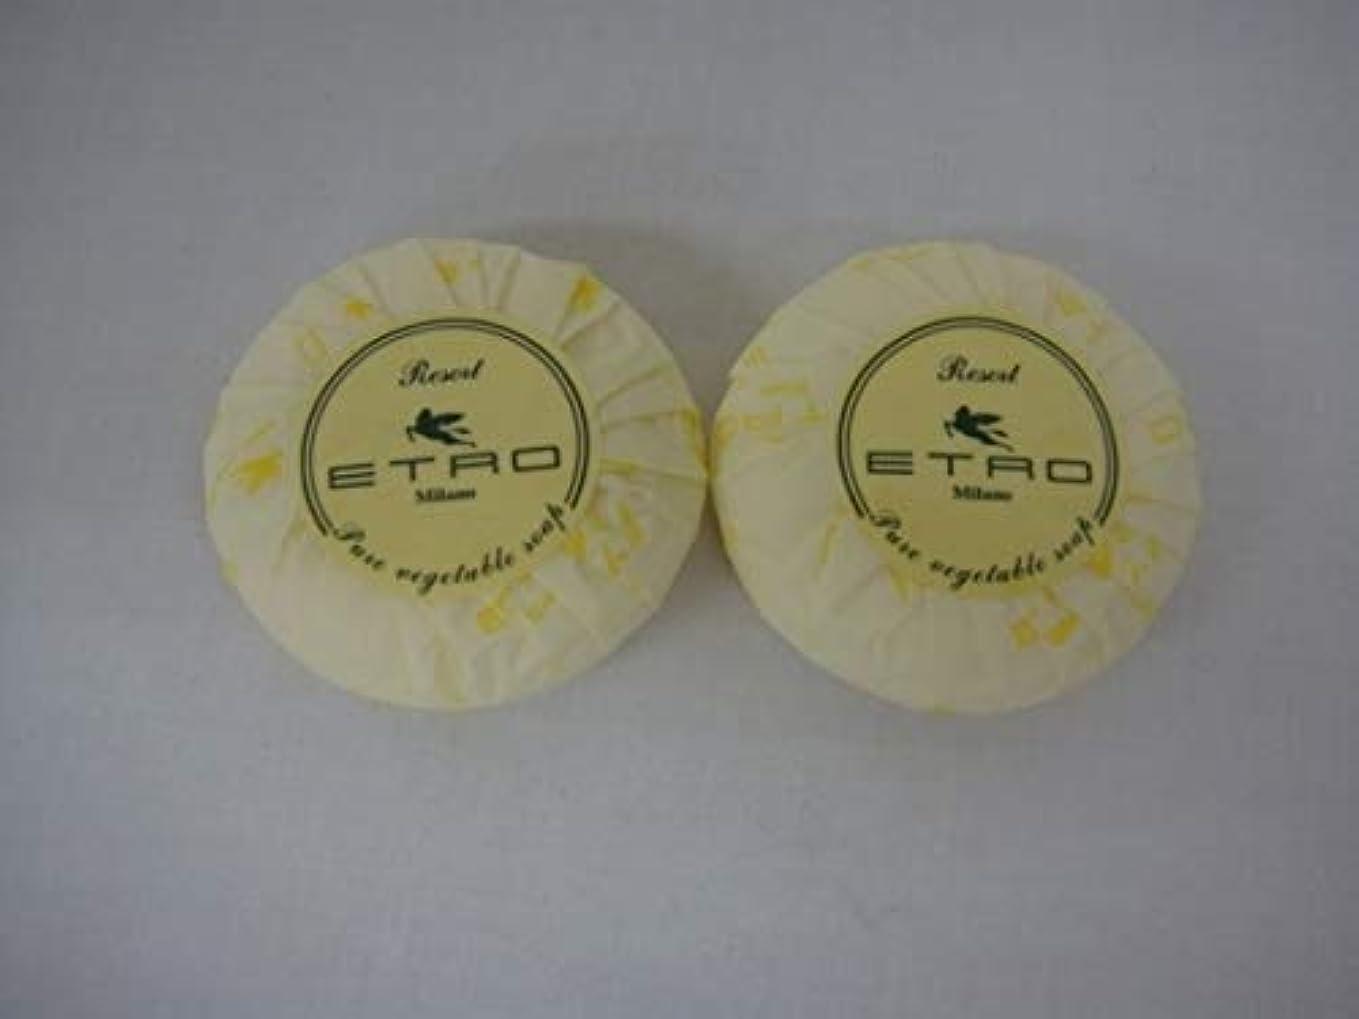 真空エイリアン規模【X2個セット】ETRO エトロ ピュアベジタブルソープ 石鹸40g×2個 (合計4個)